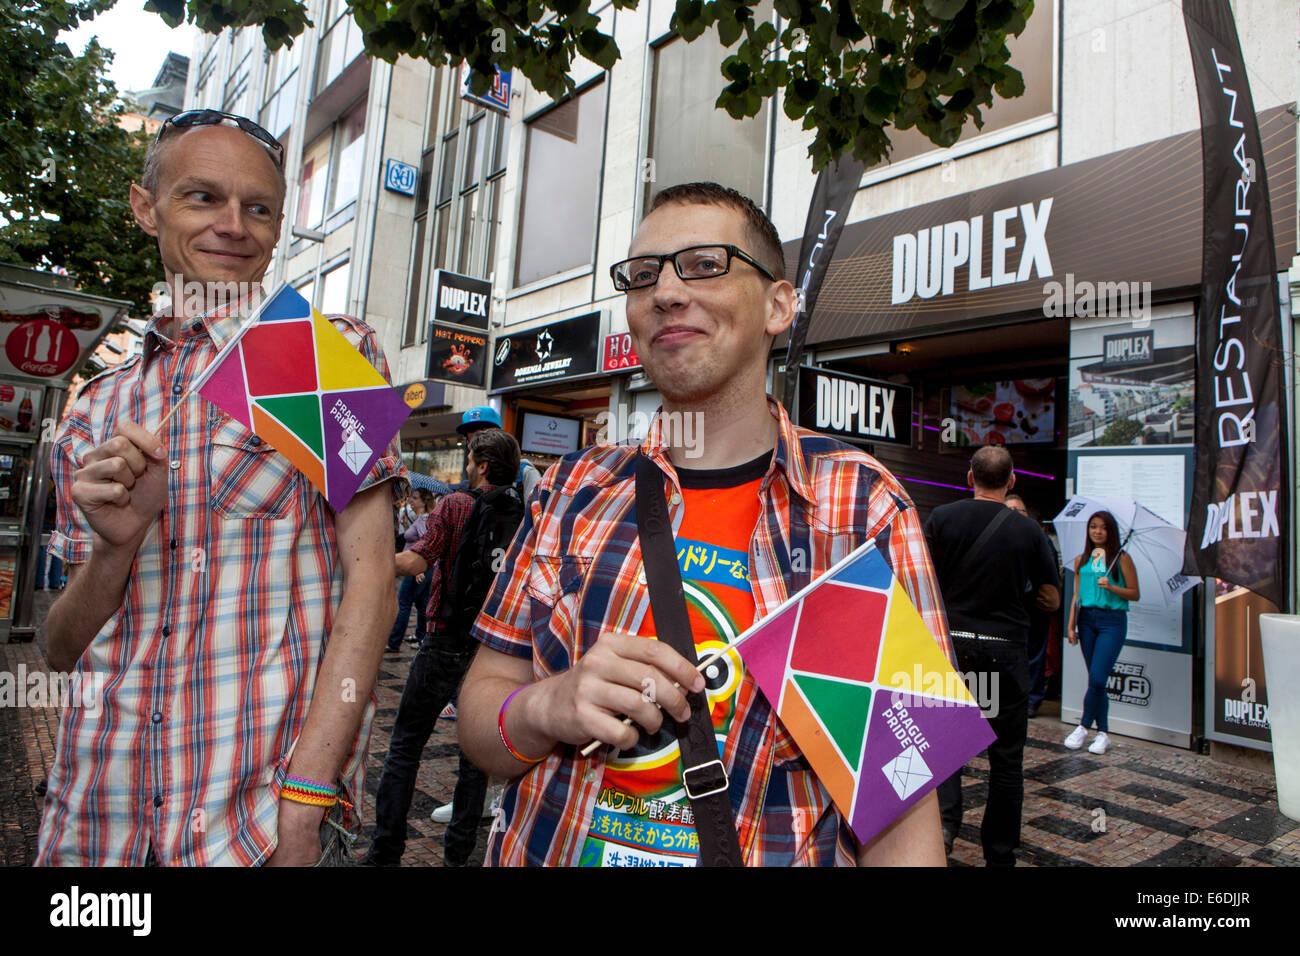 Prague pride. Festival LGBT community, Wenceslas square Prague, Czech Republic - Stock Image